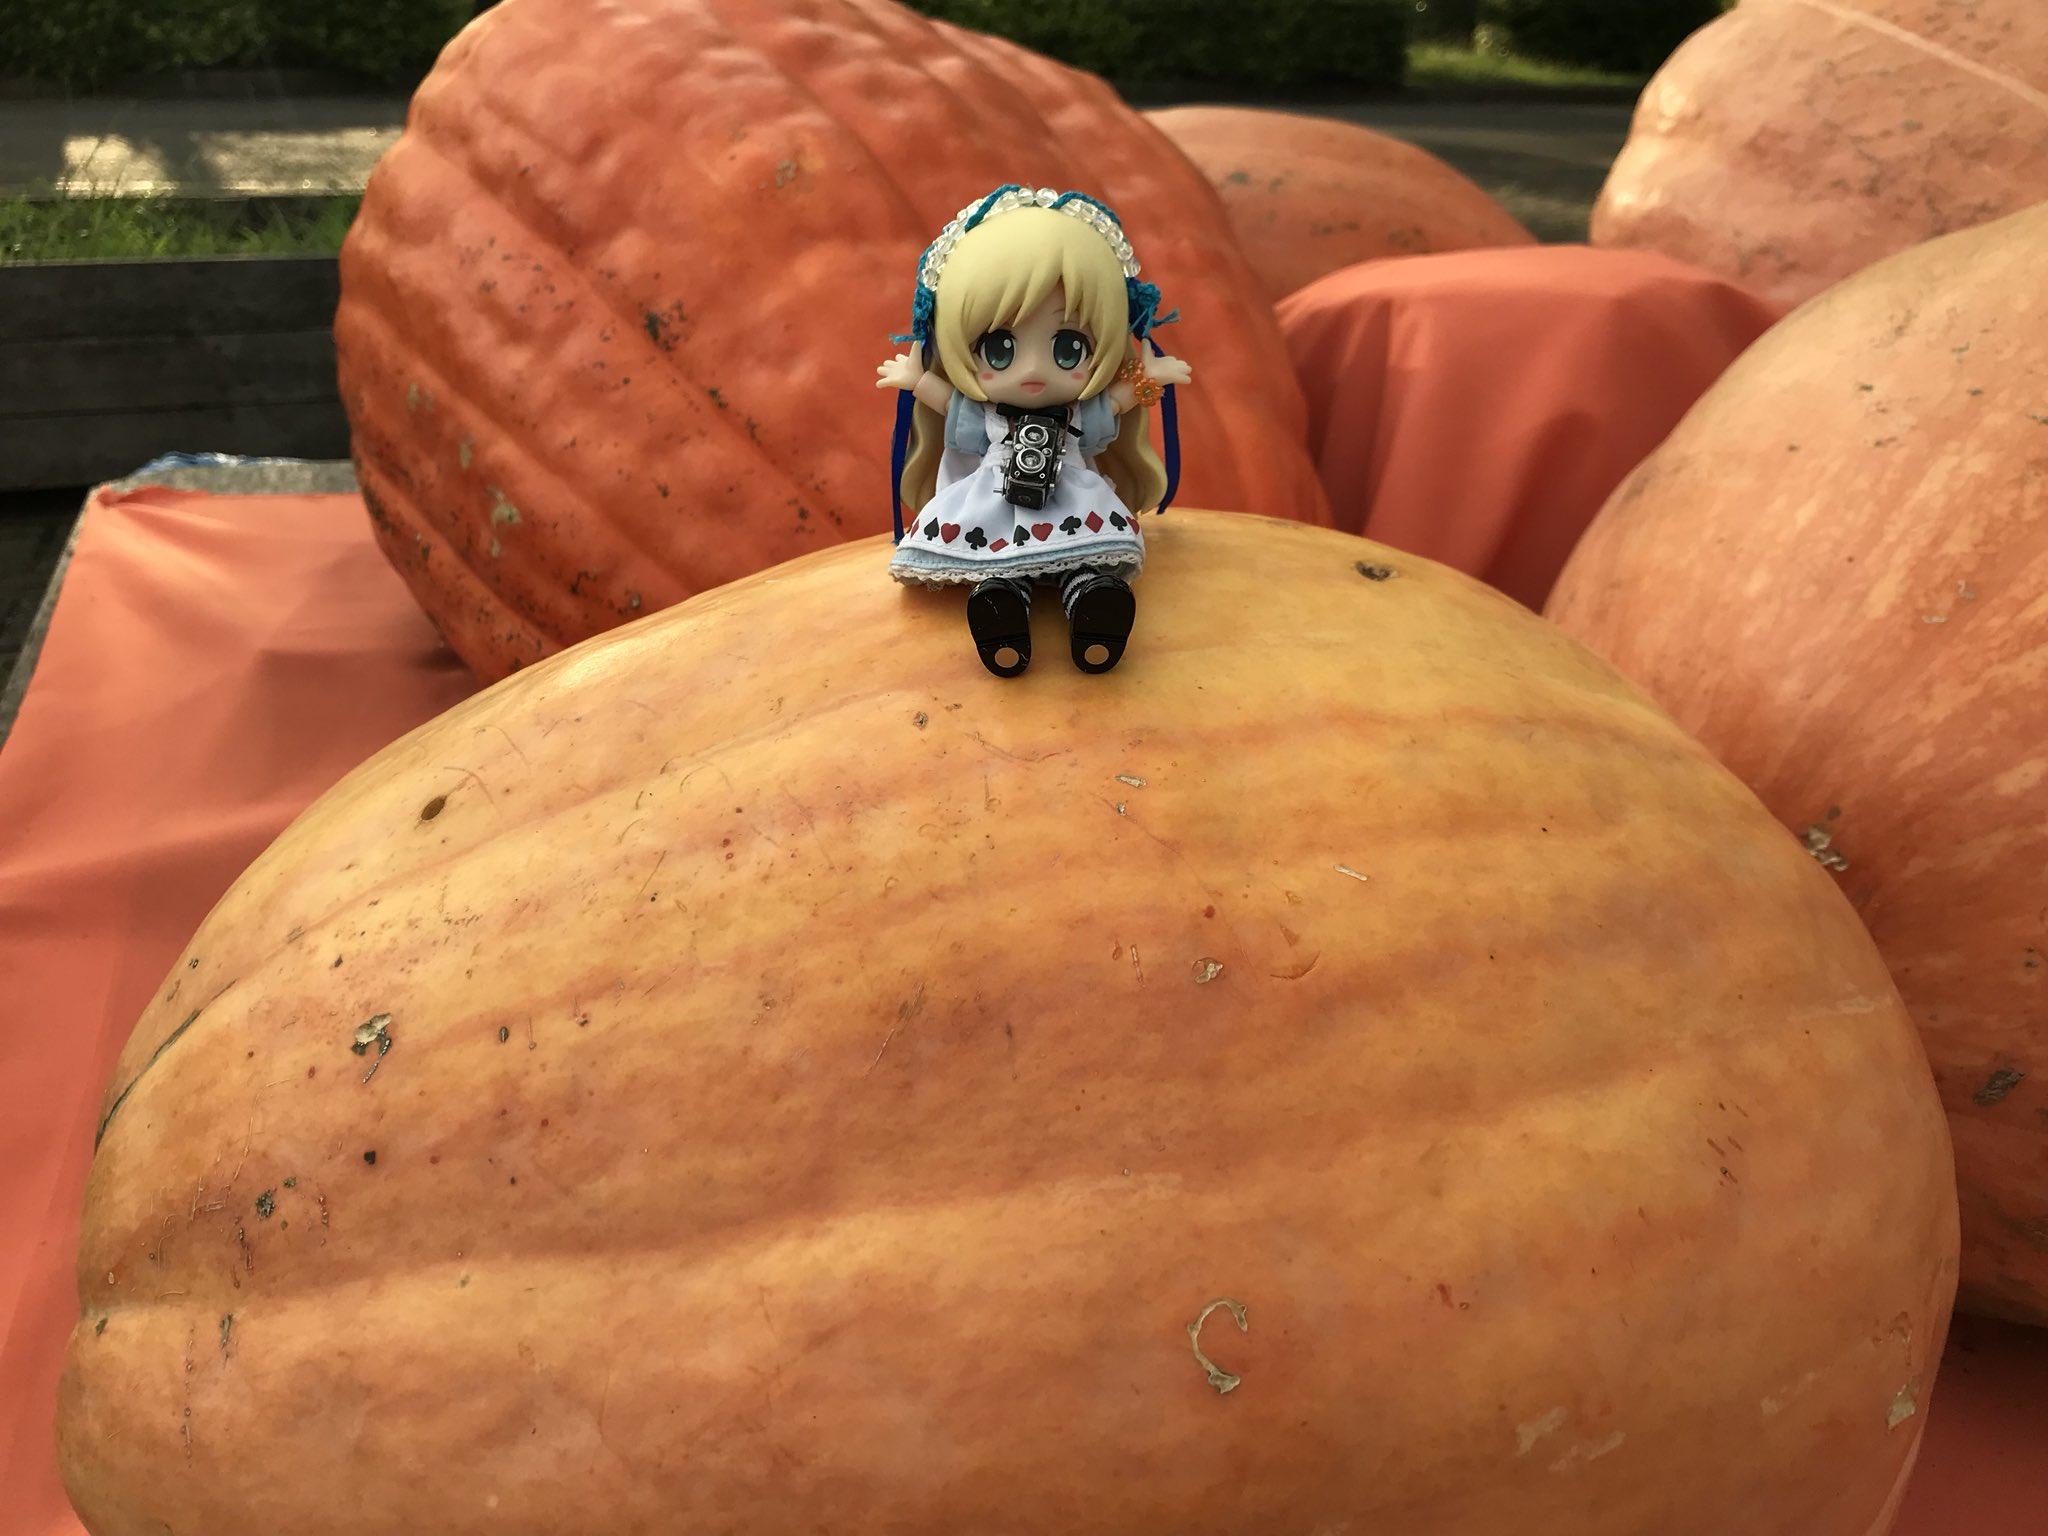 ドール,大きいかぼちゃ祭り,ハロウィン,ビッグサイズ,でかい